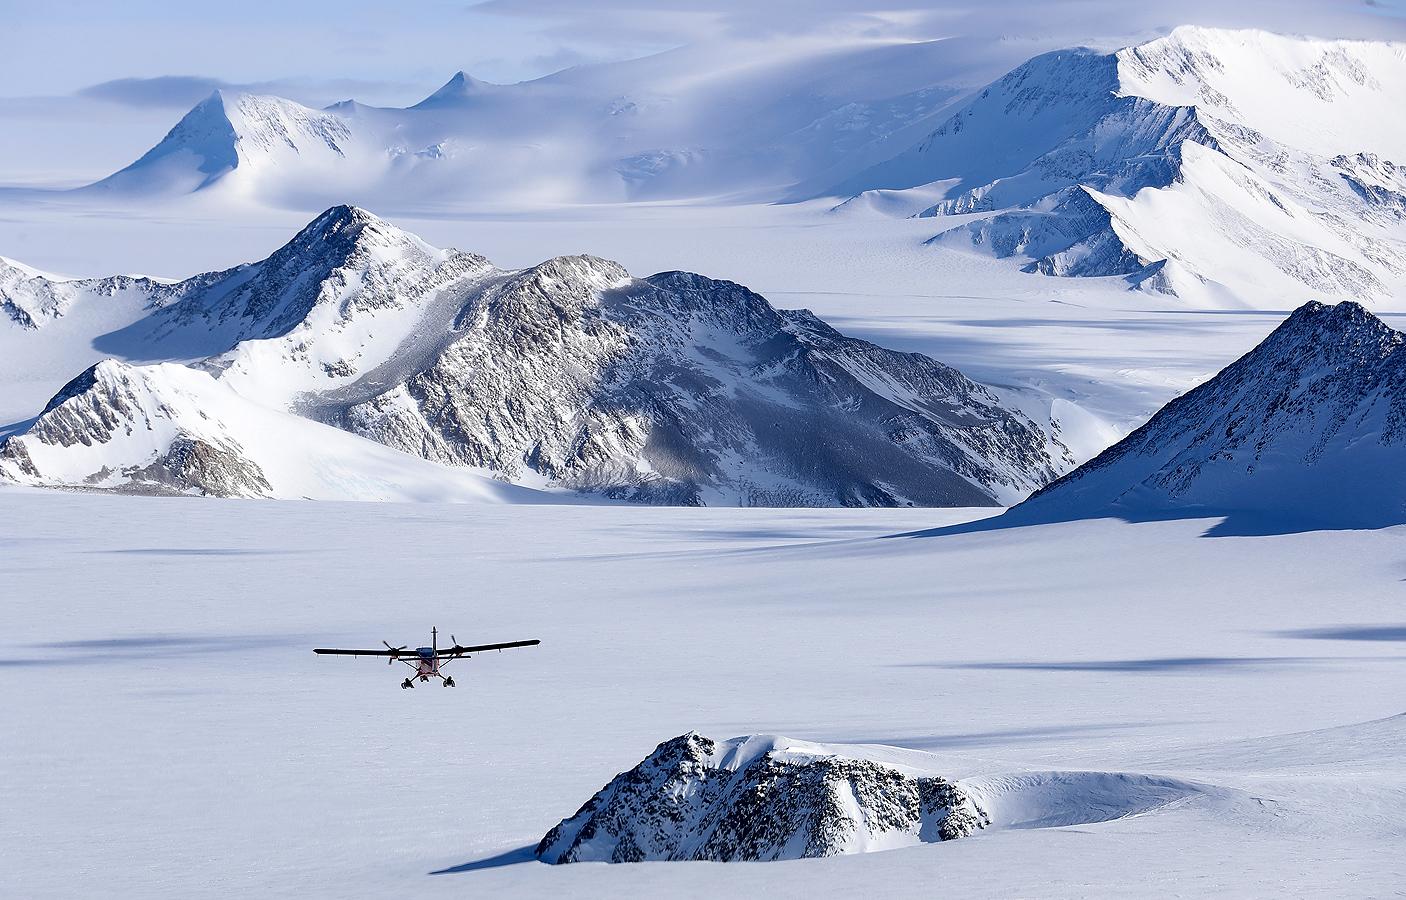 Лагерът Юнион Глетчер е чилийска полярна станция, управлявана от Чилийския антарктически институт (INACH) и три групи от въоръжените сили на Чили, които отбелязват началото на всички научни дейности, планирани в Антарктика за летния сезон.